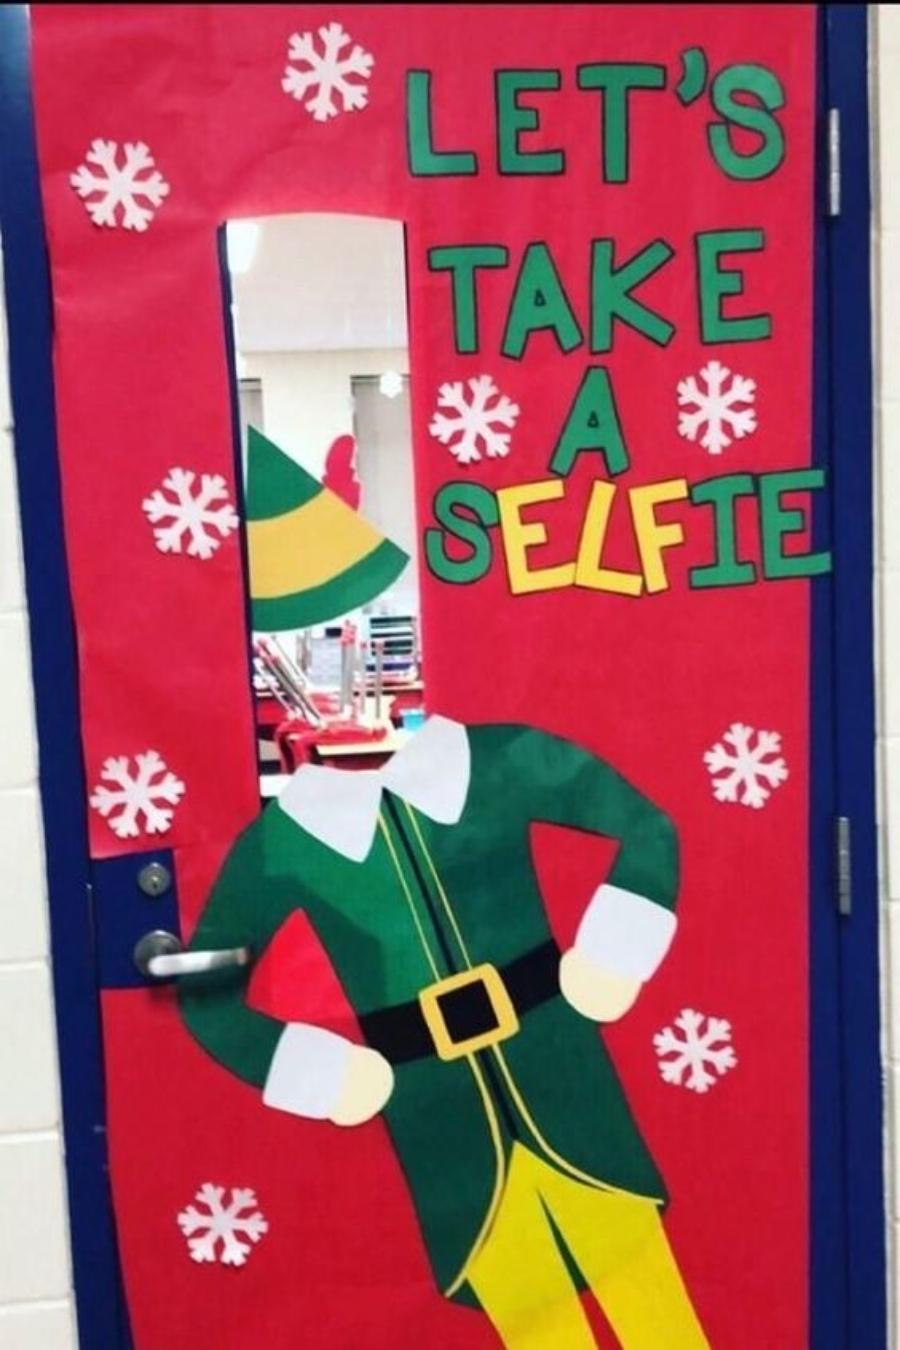 decoracion para navidad para puerta duende selfie